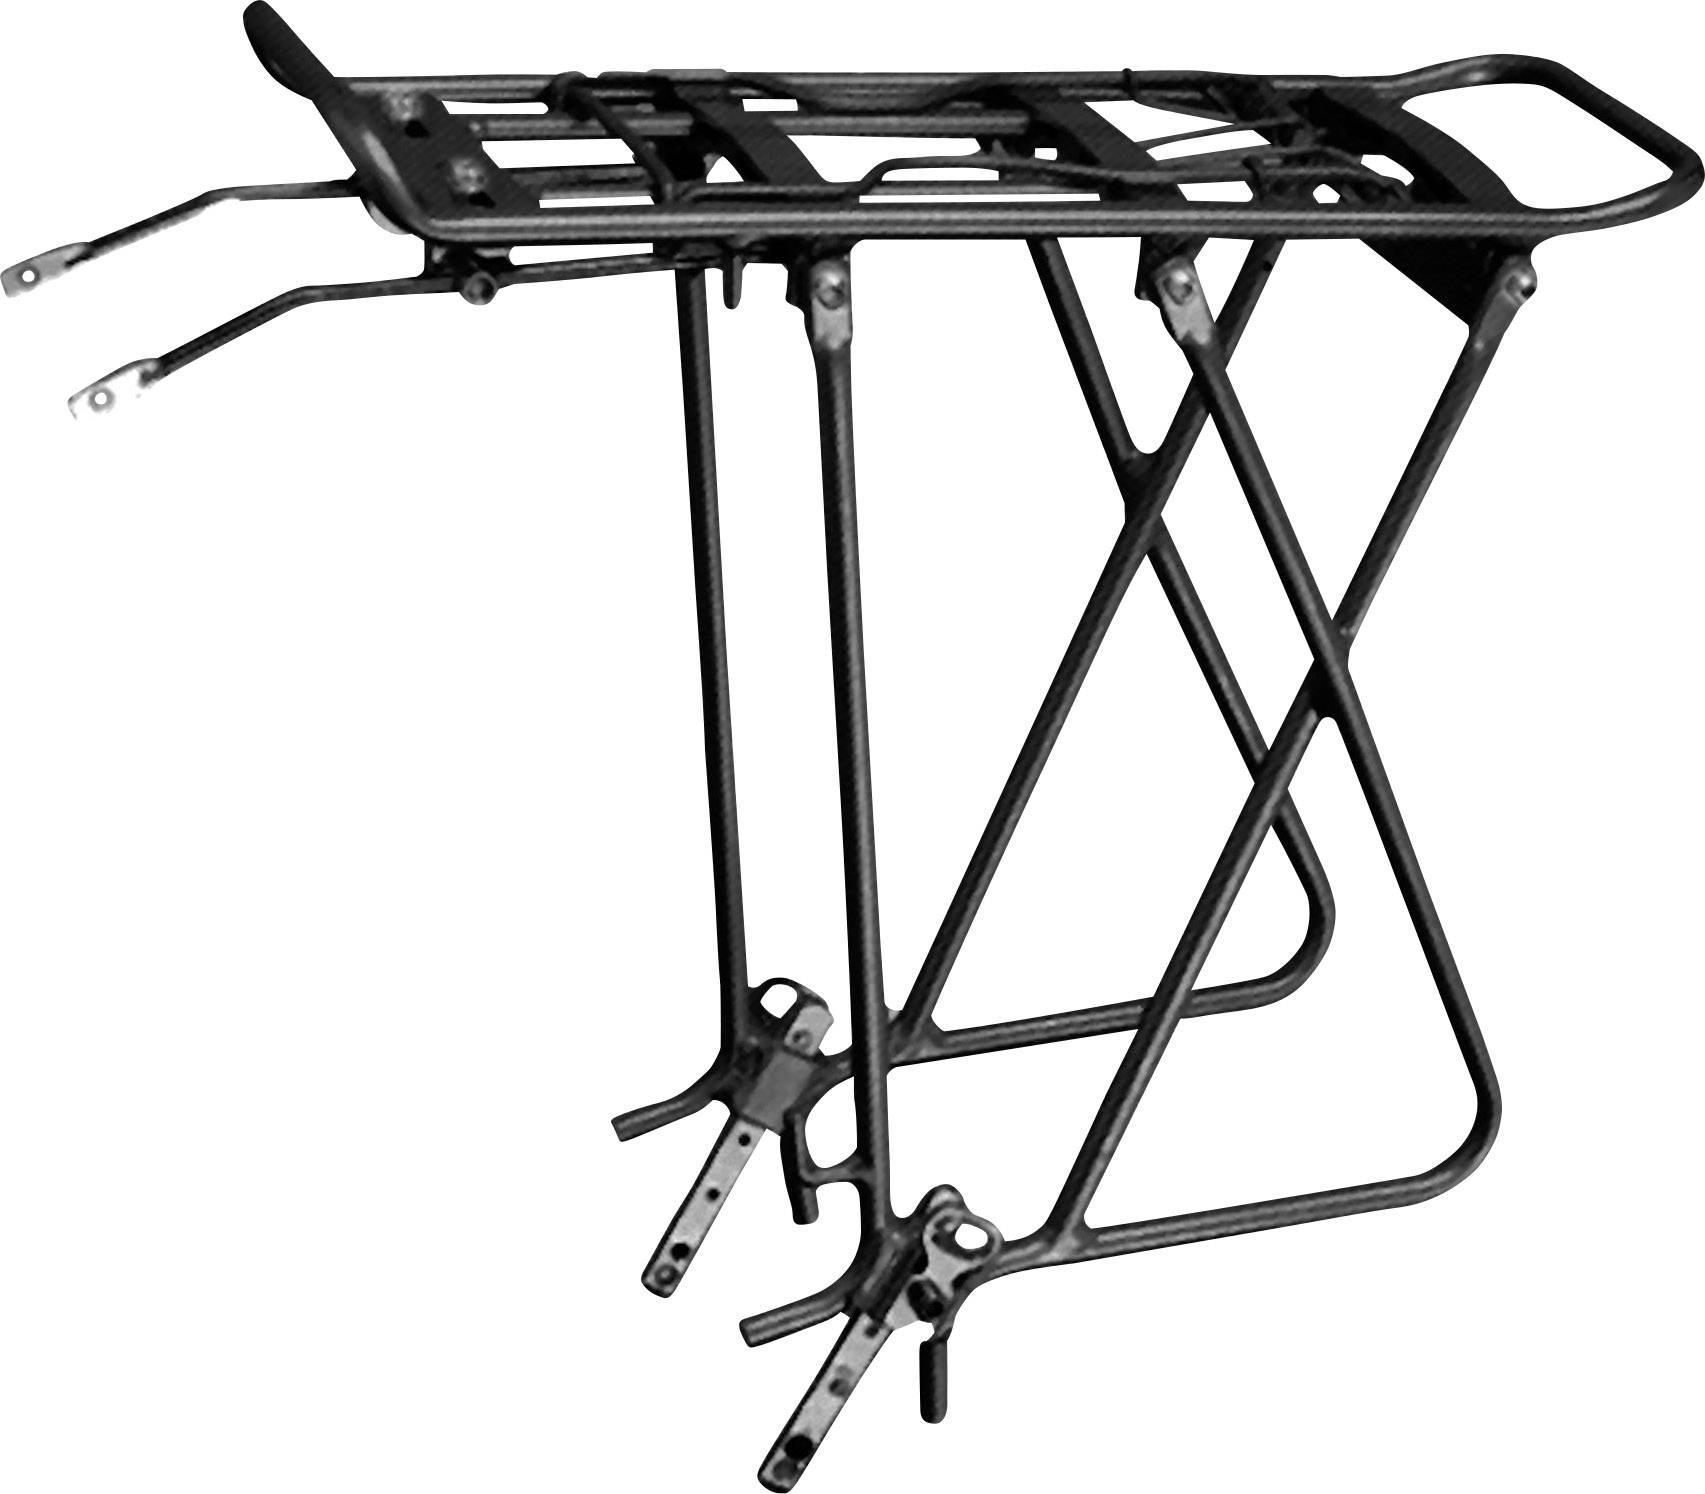 Portapacchi per bicicletta FOX Parts 5061300 Nero